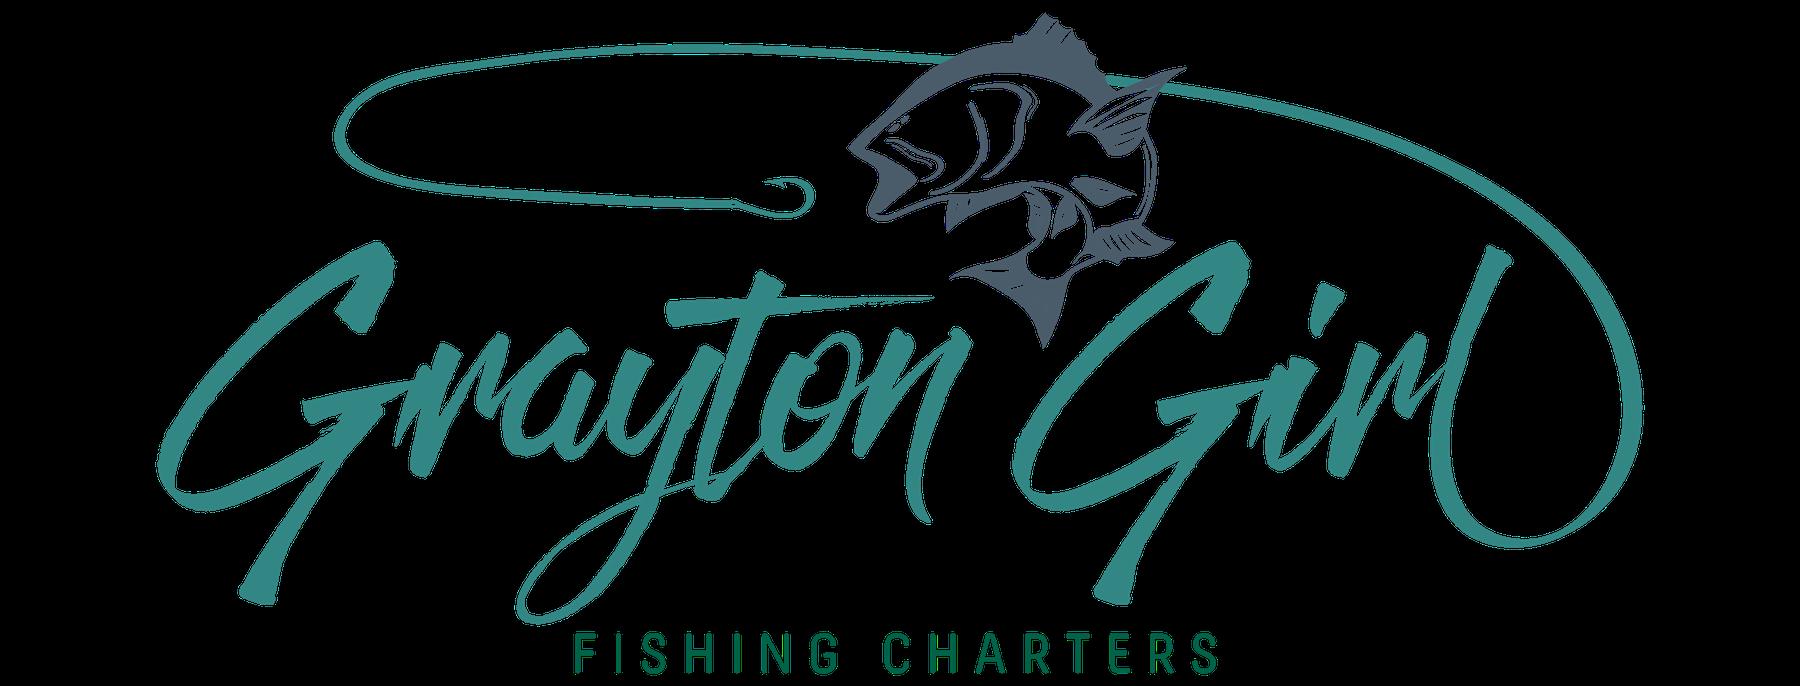 Grayton Girl Fishing Charters